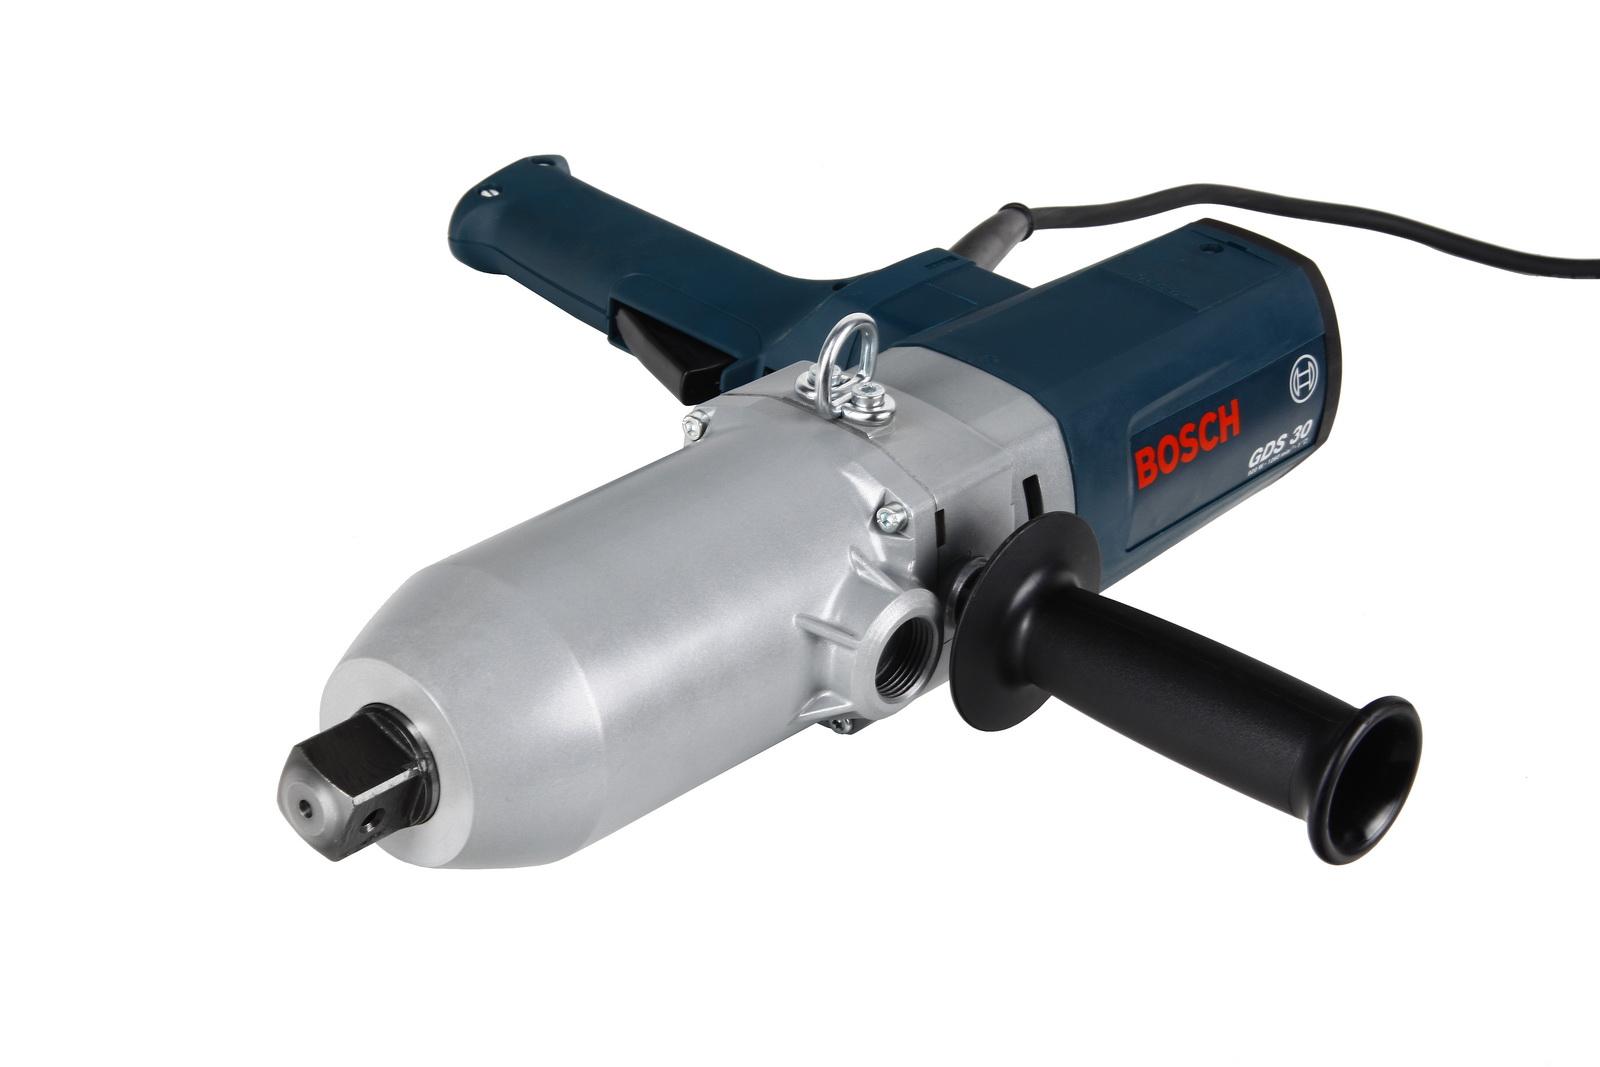 Импульсный ударный гайковерт Bosch Gds 30 ударный